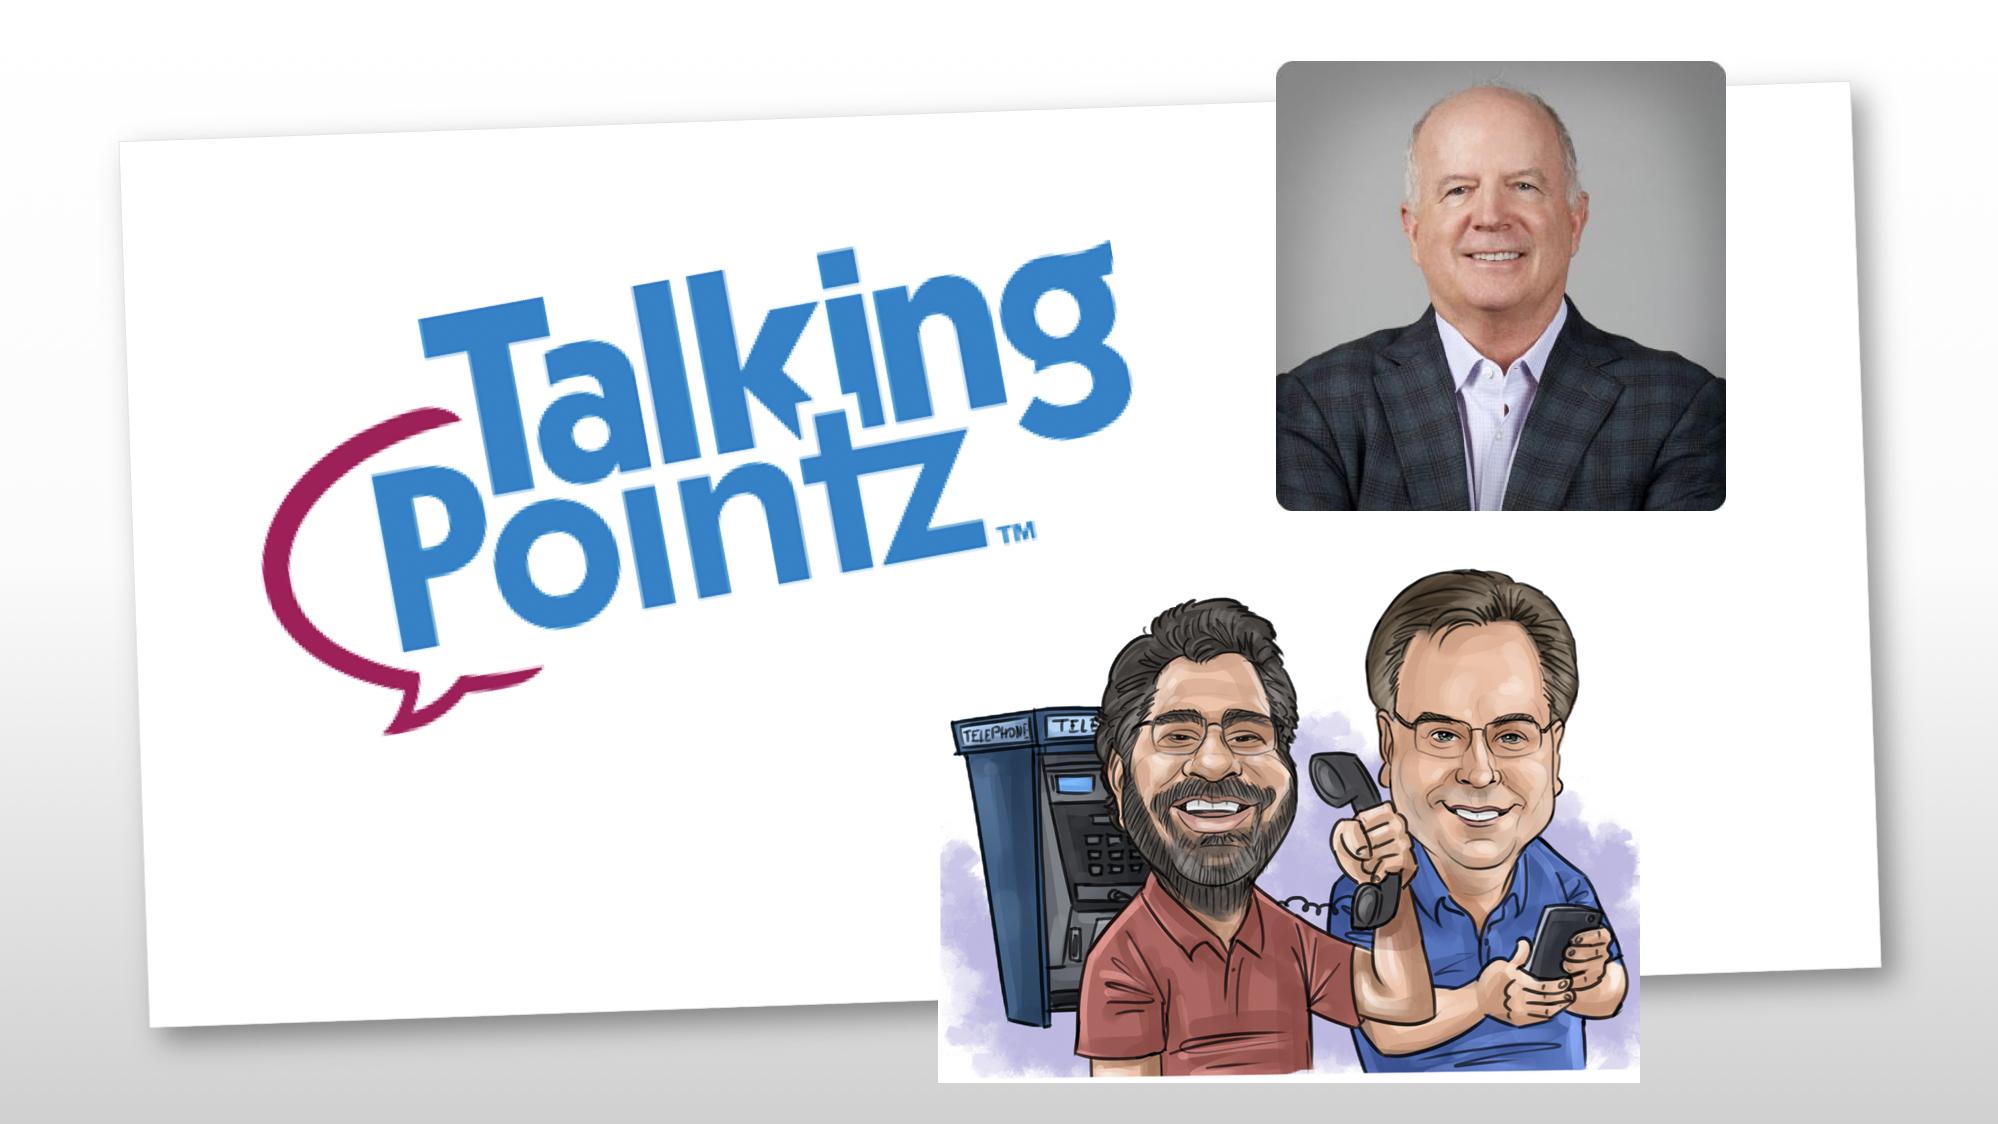 TalkingHeadz Podcast_1.jpg